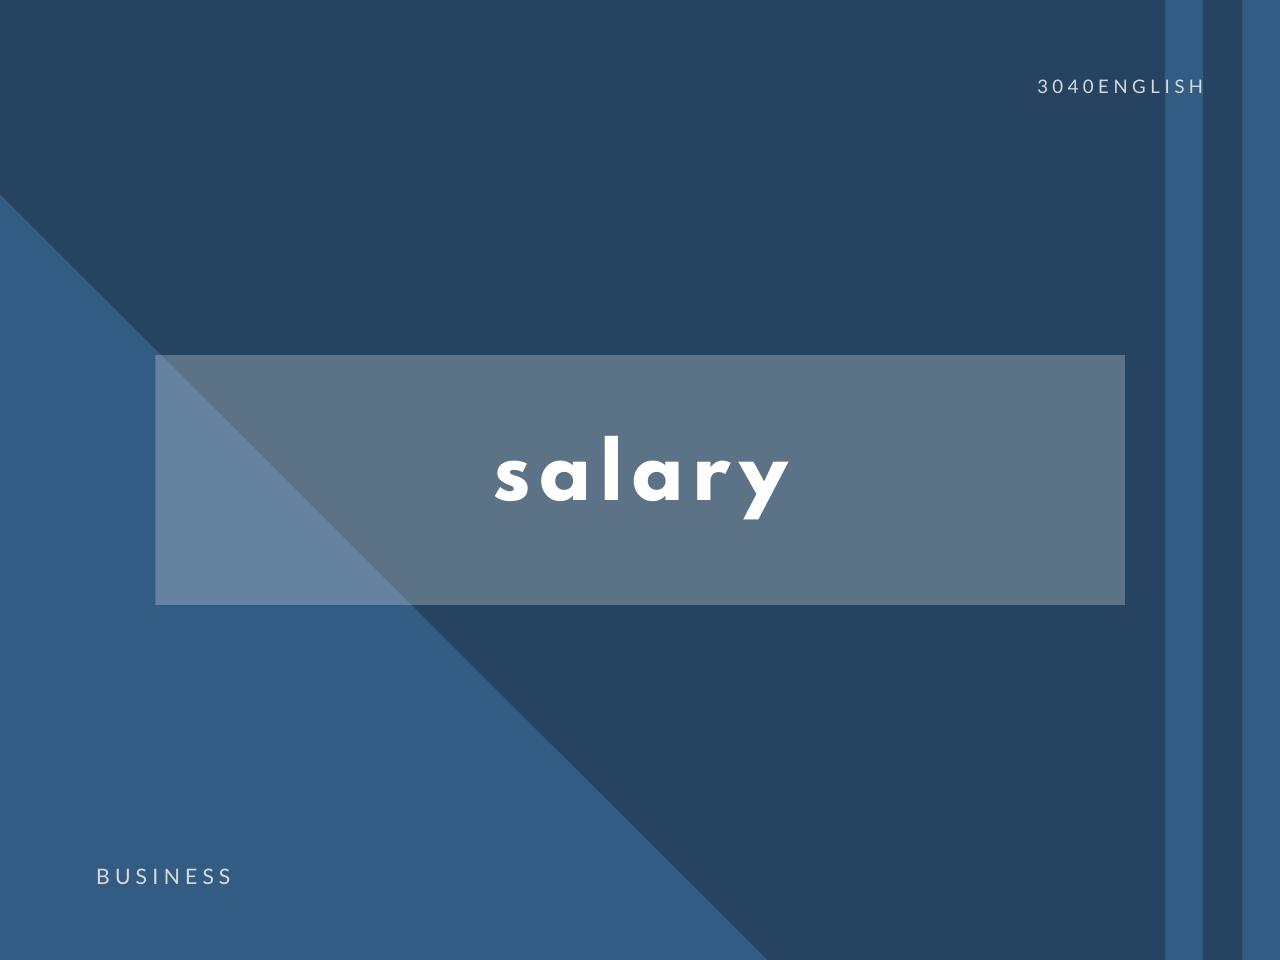 採用面接で希望の給与額を伝えるときの英語表現【例文あり】